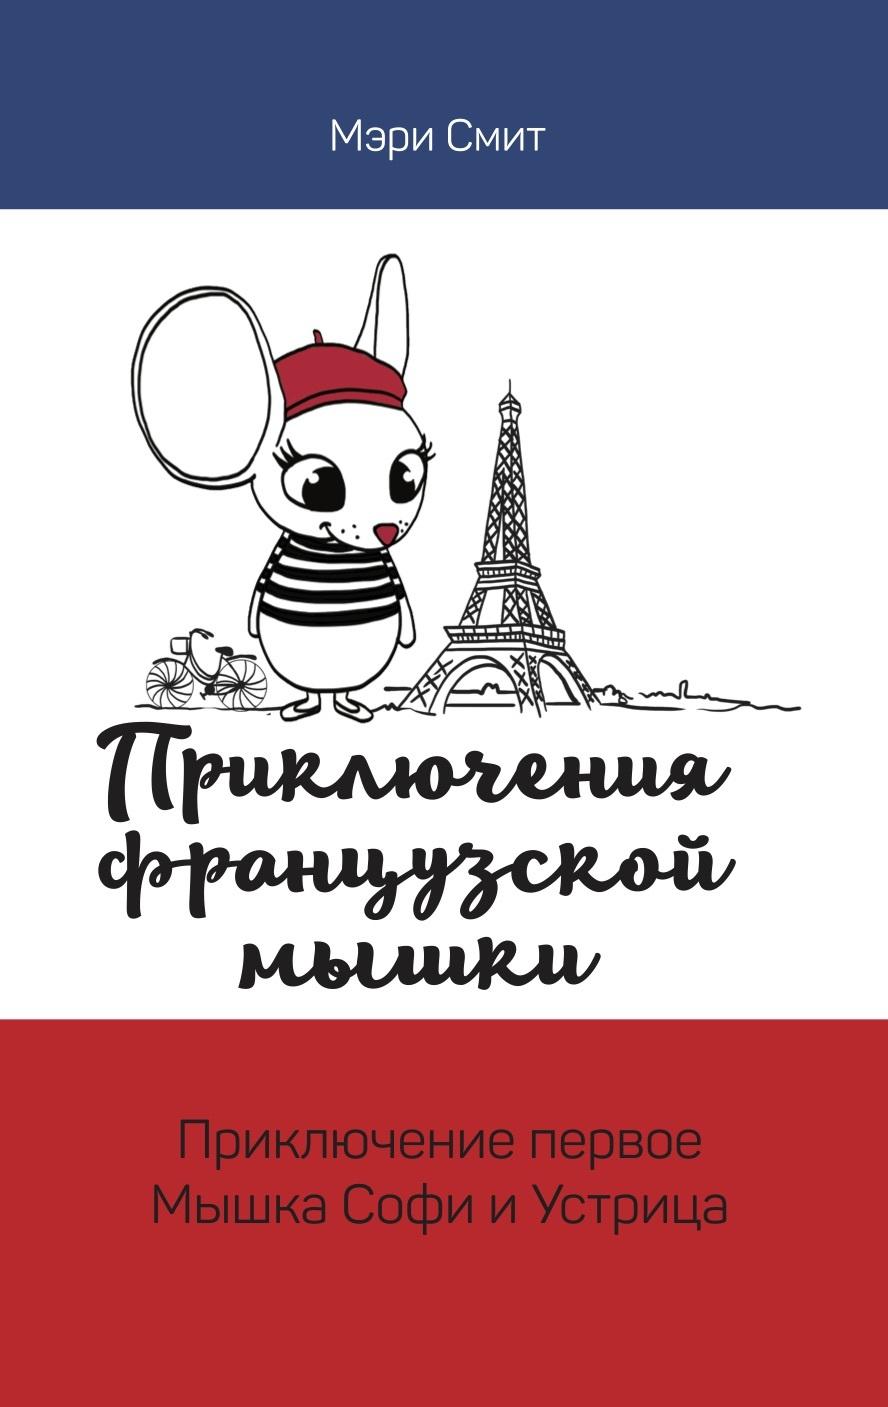 Мэри Смит Приключения французской мышки. Мышка Софи и Устрица футболка белая мышки балерины lisa